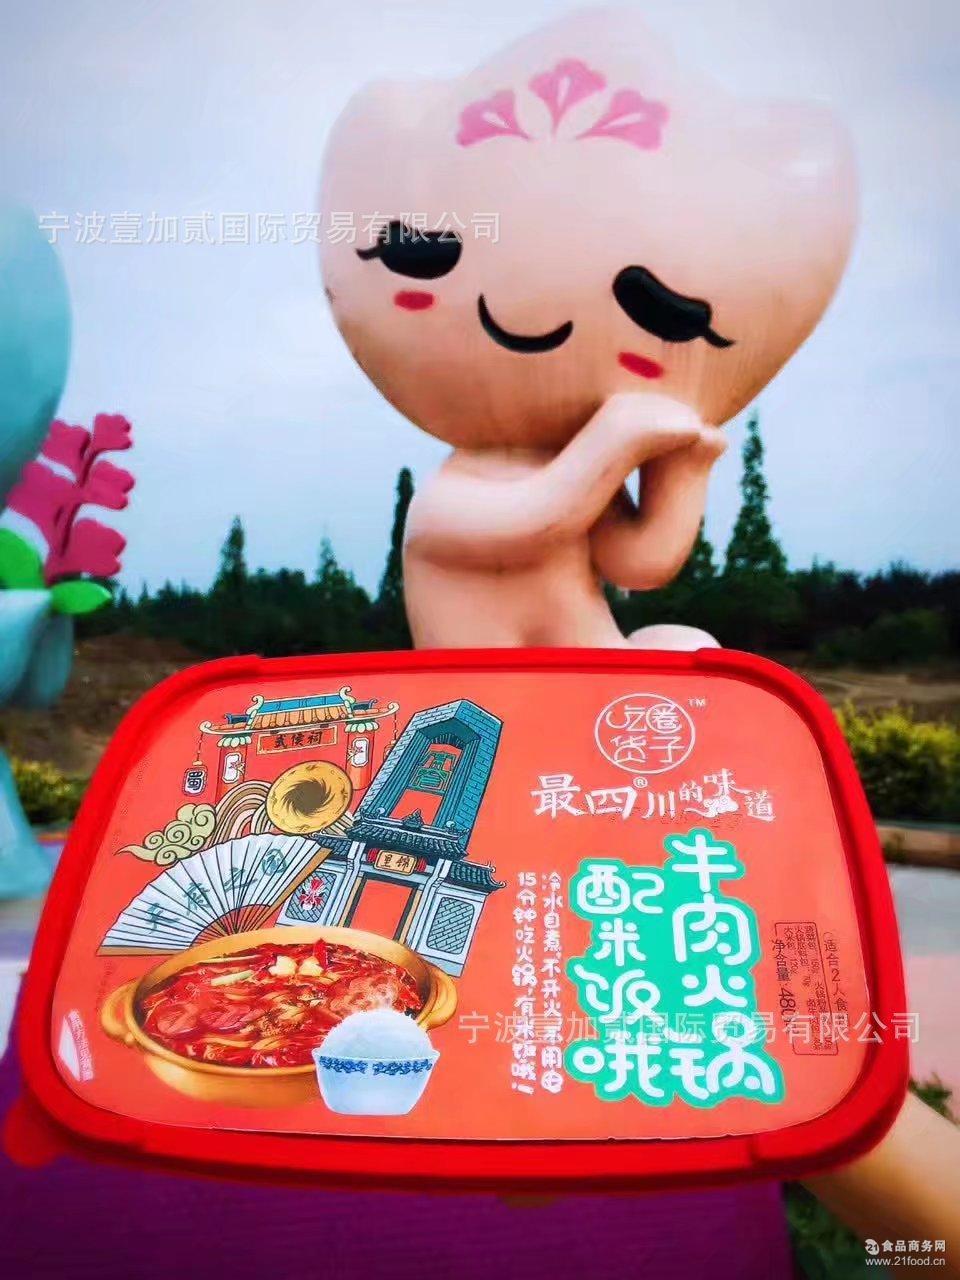 吃货圈子自热自煮牛肉懒人火锅米饭版480克/盒最四川的味道网红